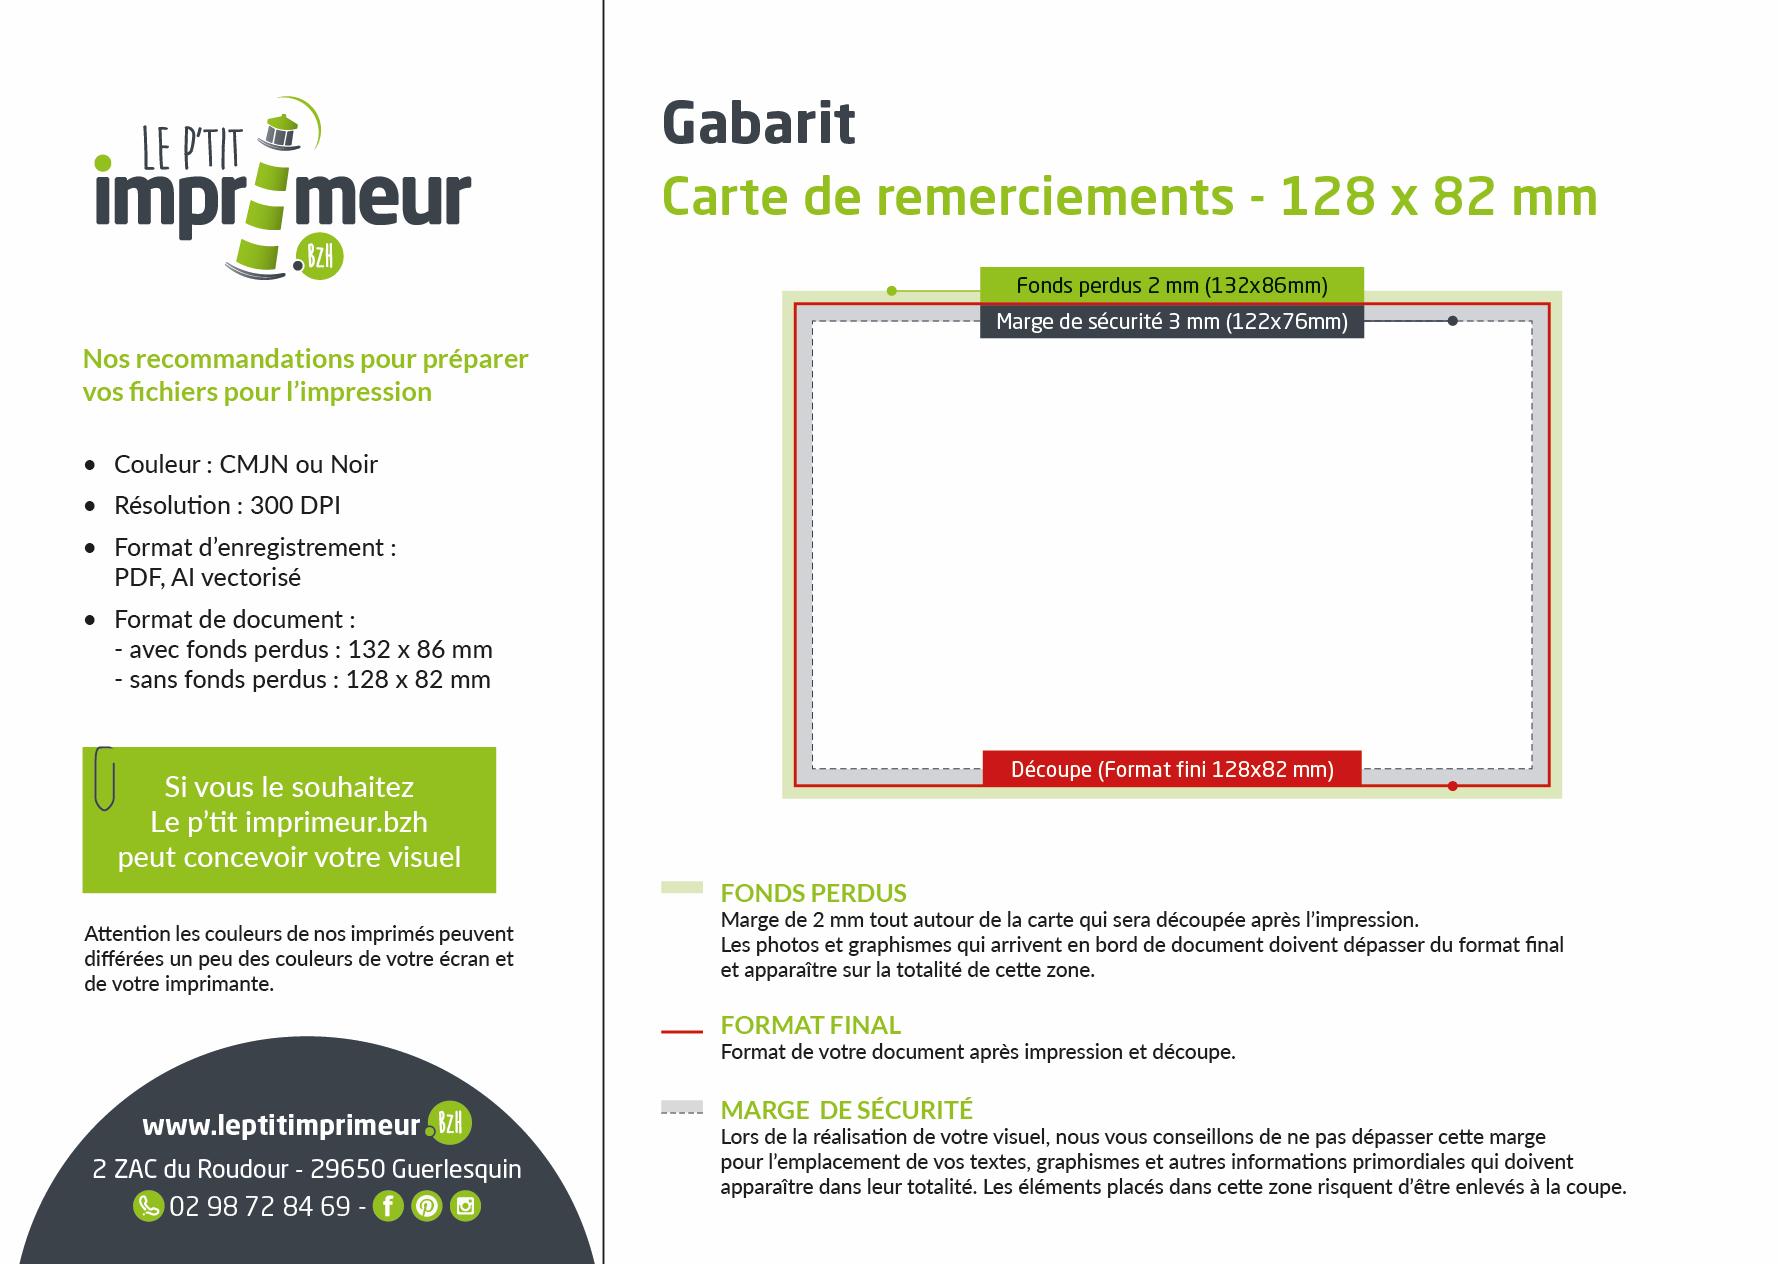 Carte de remerciement 128 x 82 mm _ Gabarit